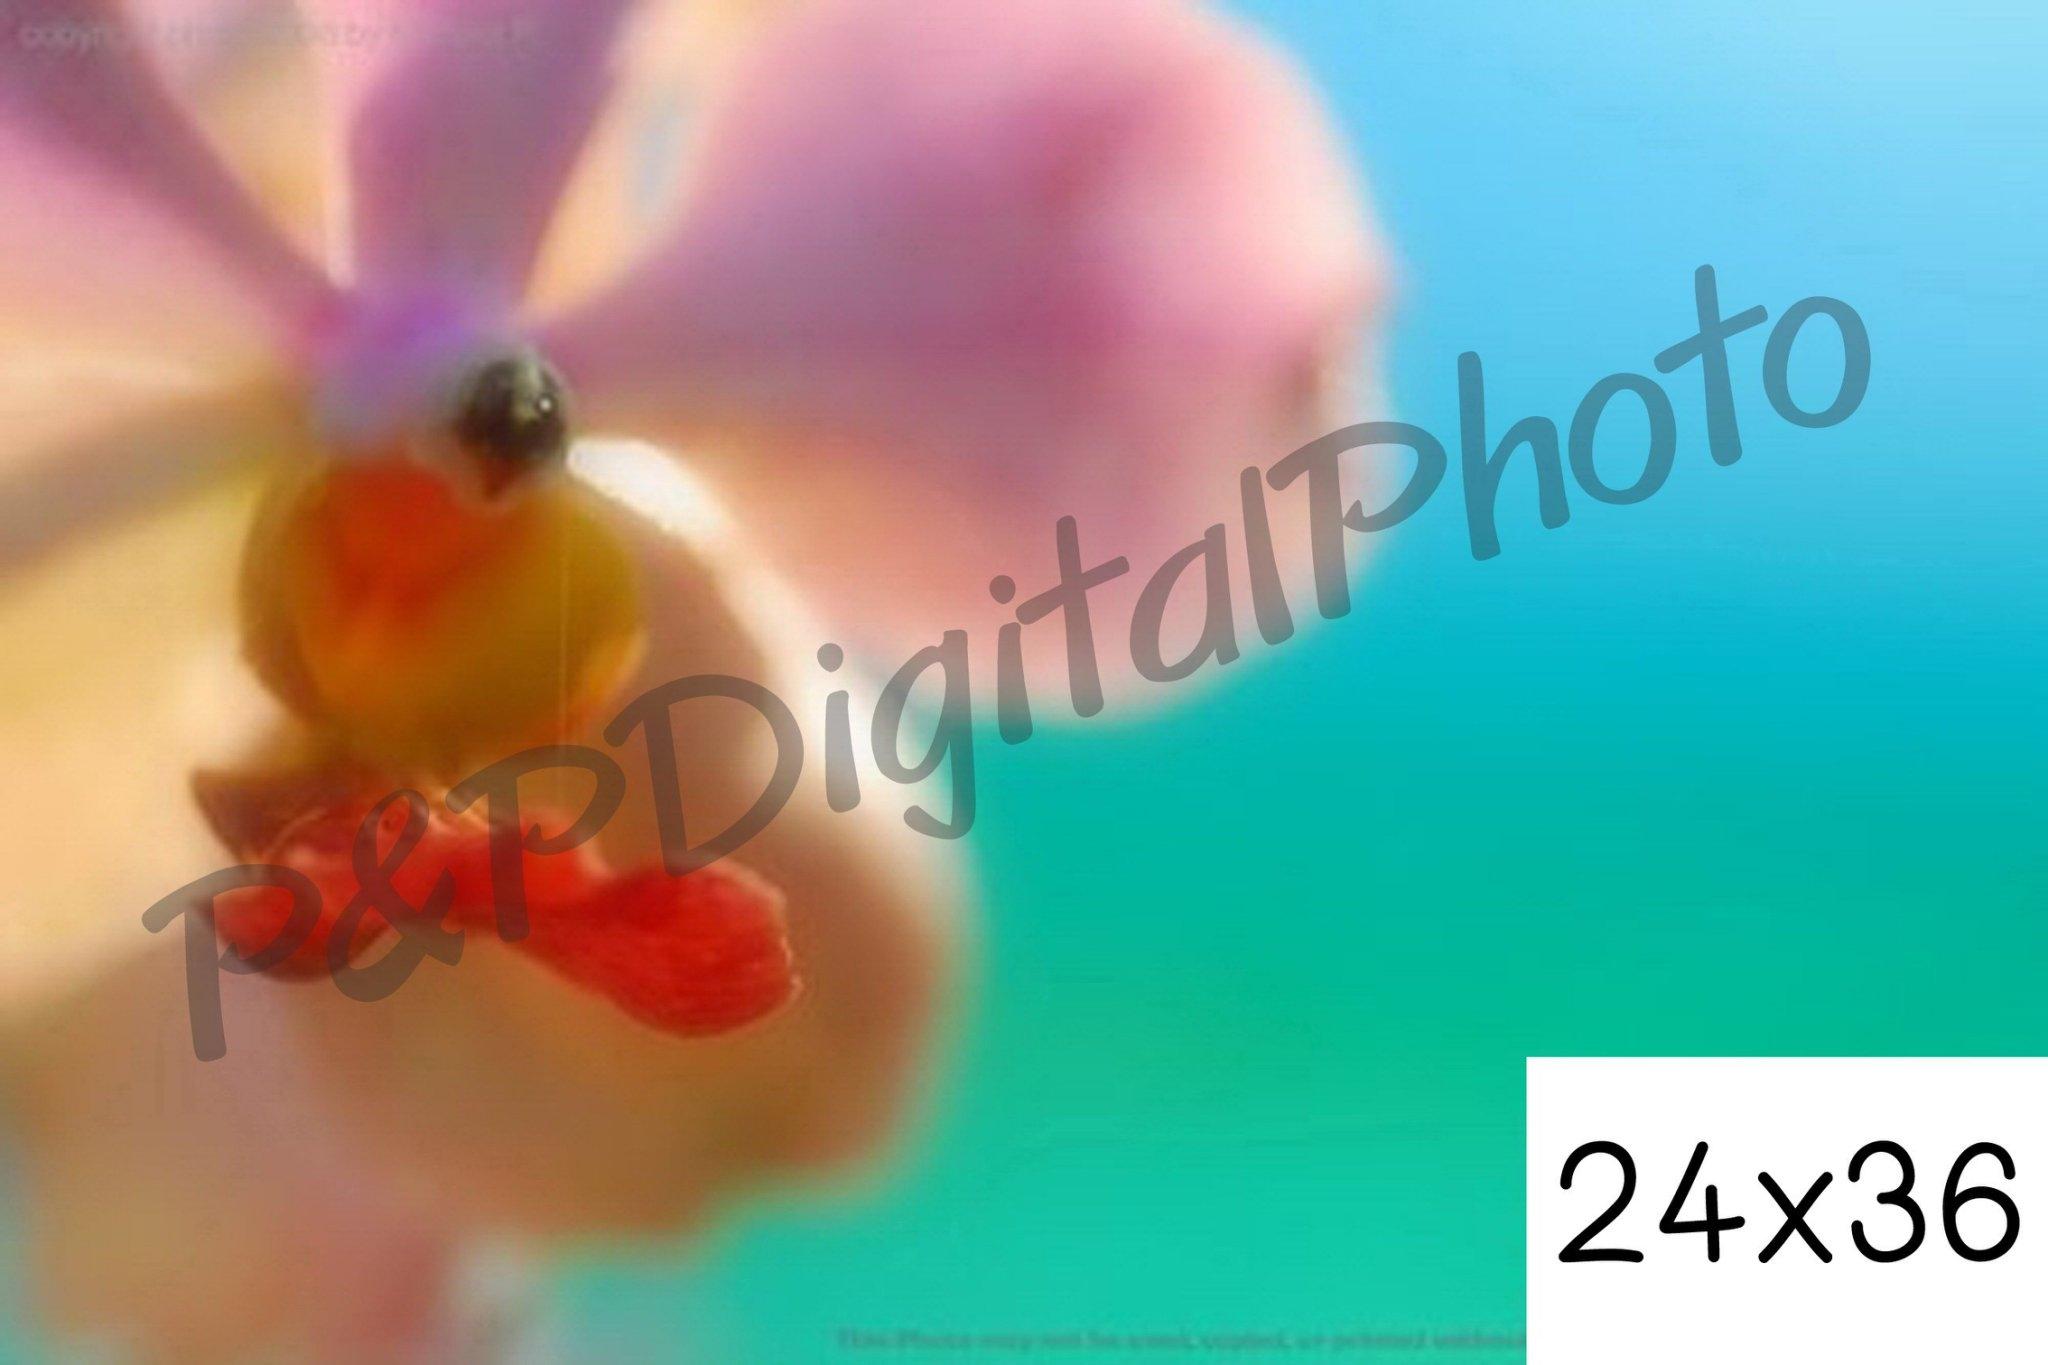 อัดรูปออนไลน์ ล้างรูปราคาถูก ขนาดอัดรูป 24x36